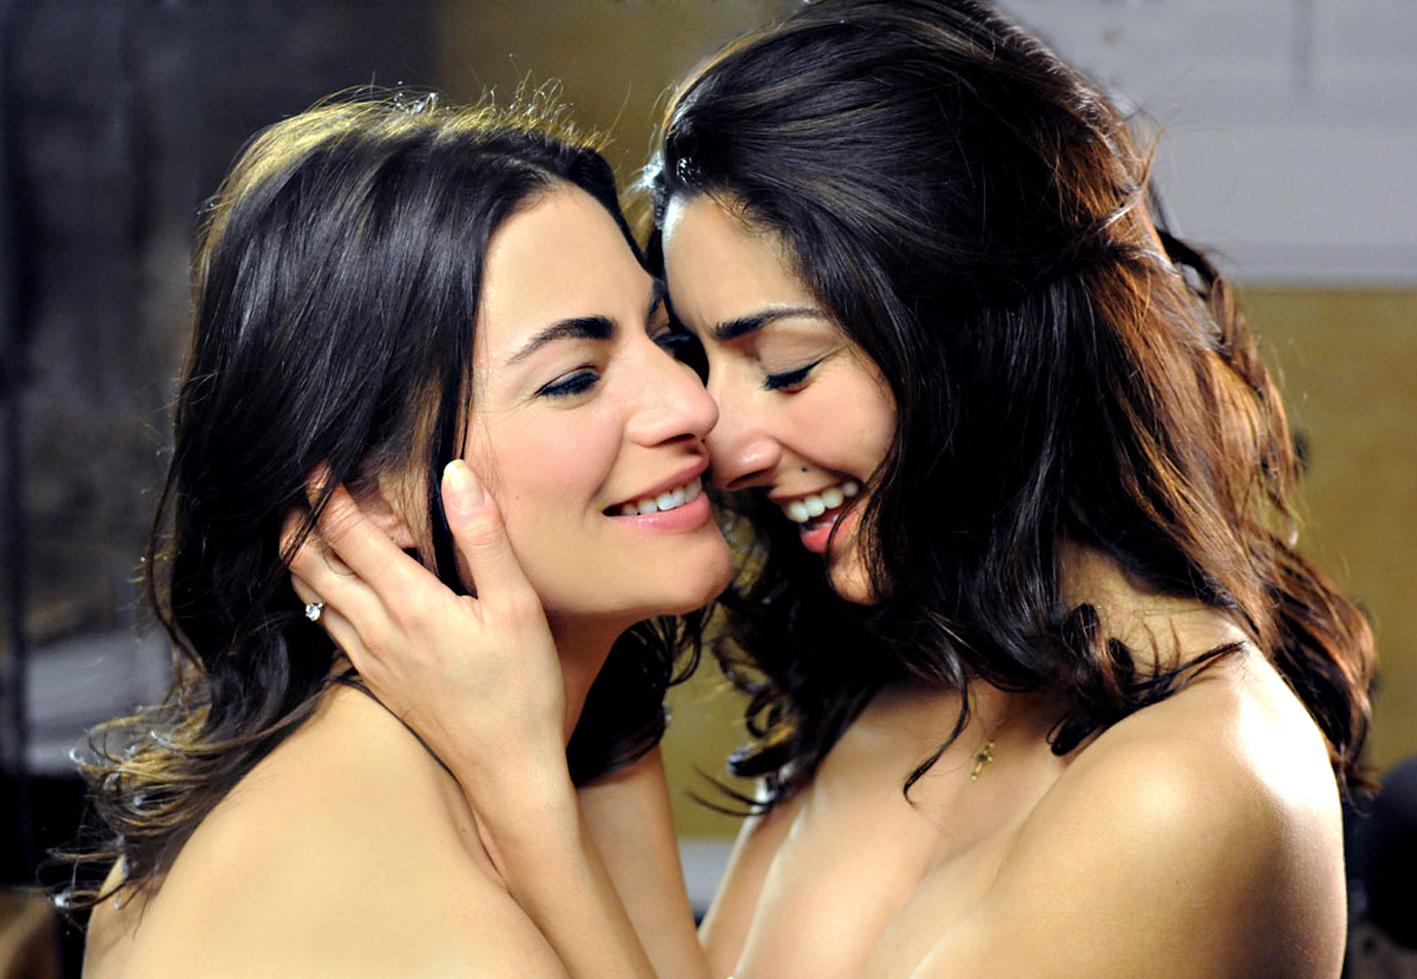 Сматреть бесплатно лезбиянок, Лесбиянки смотреть бесплатно онлайн - Онлайн 21 фотография